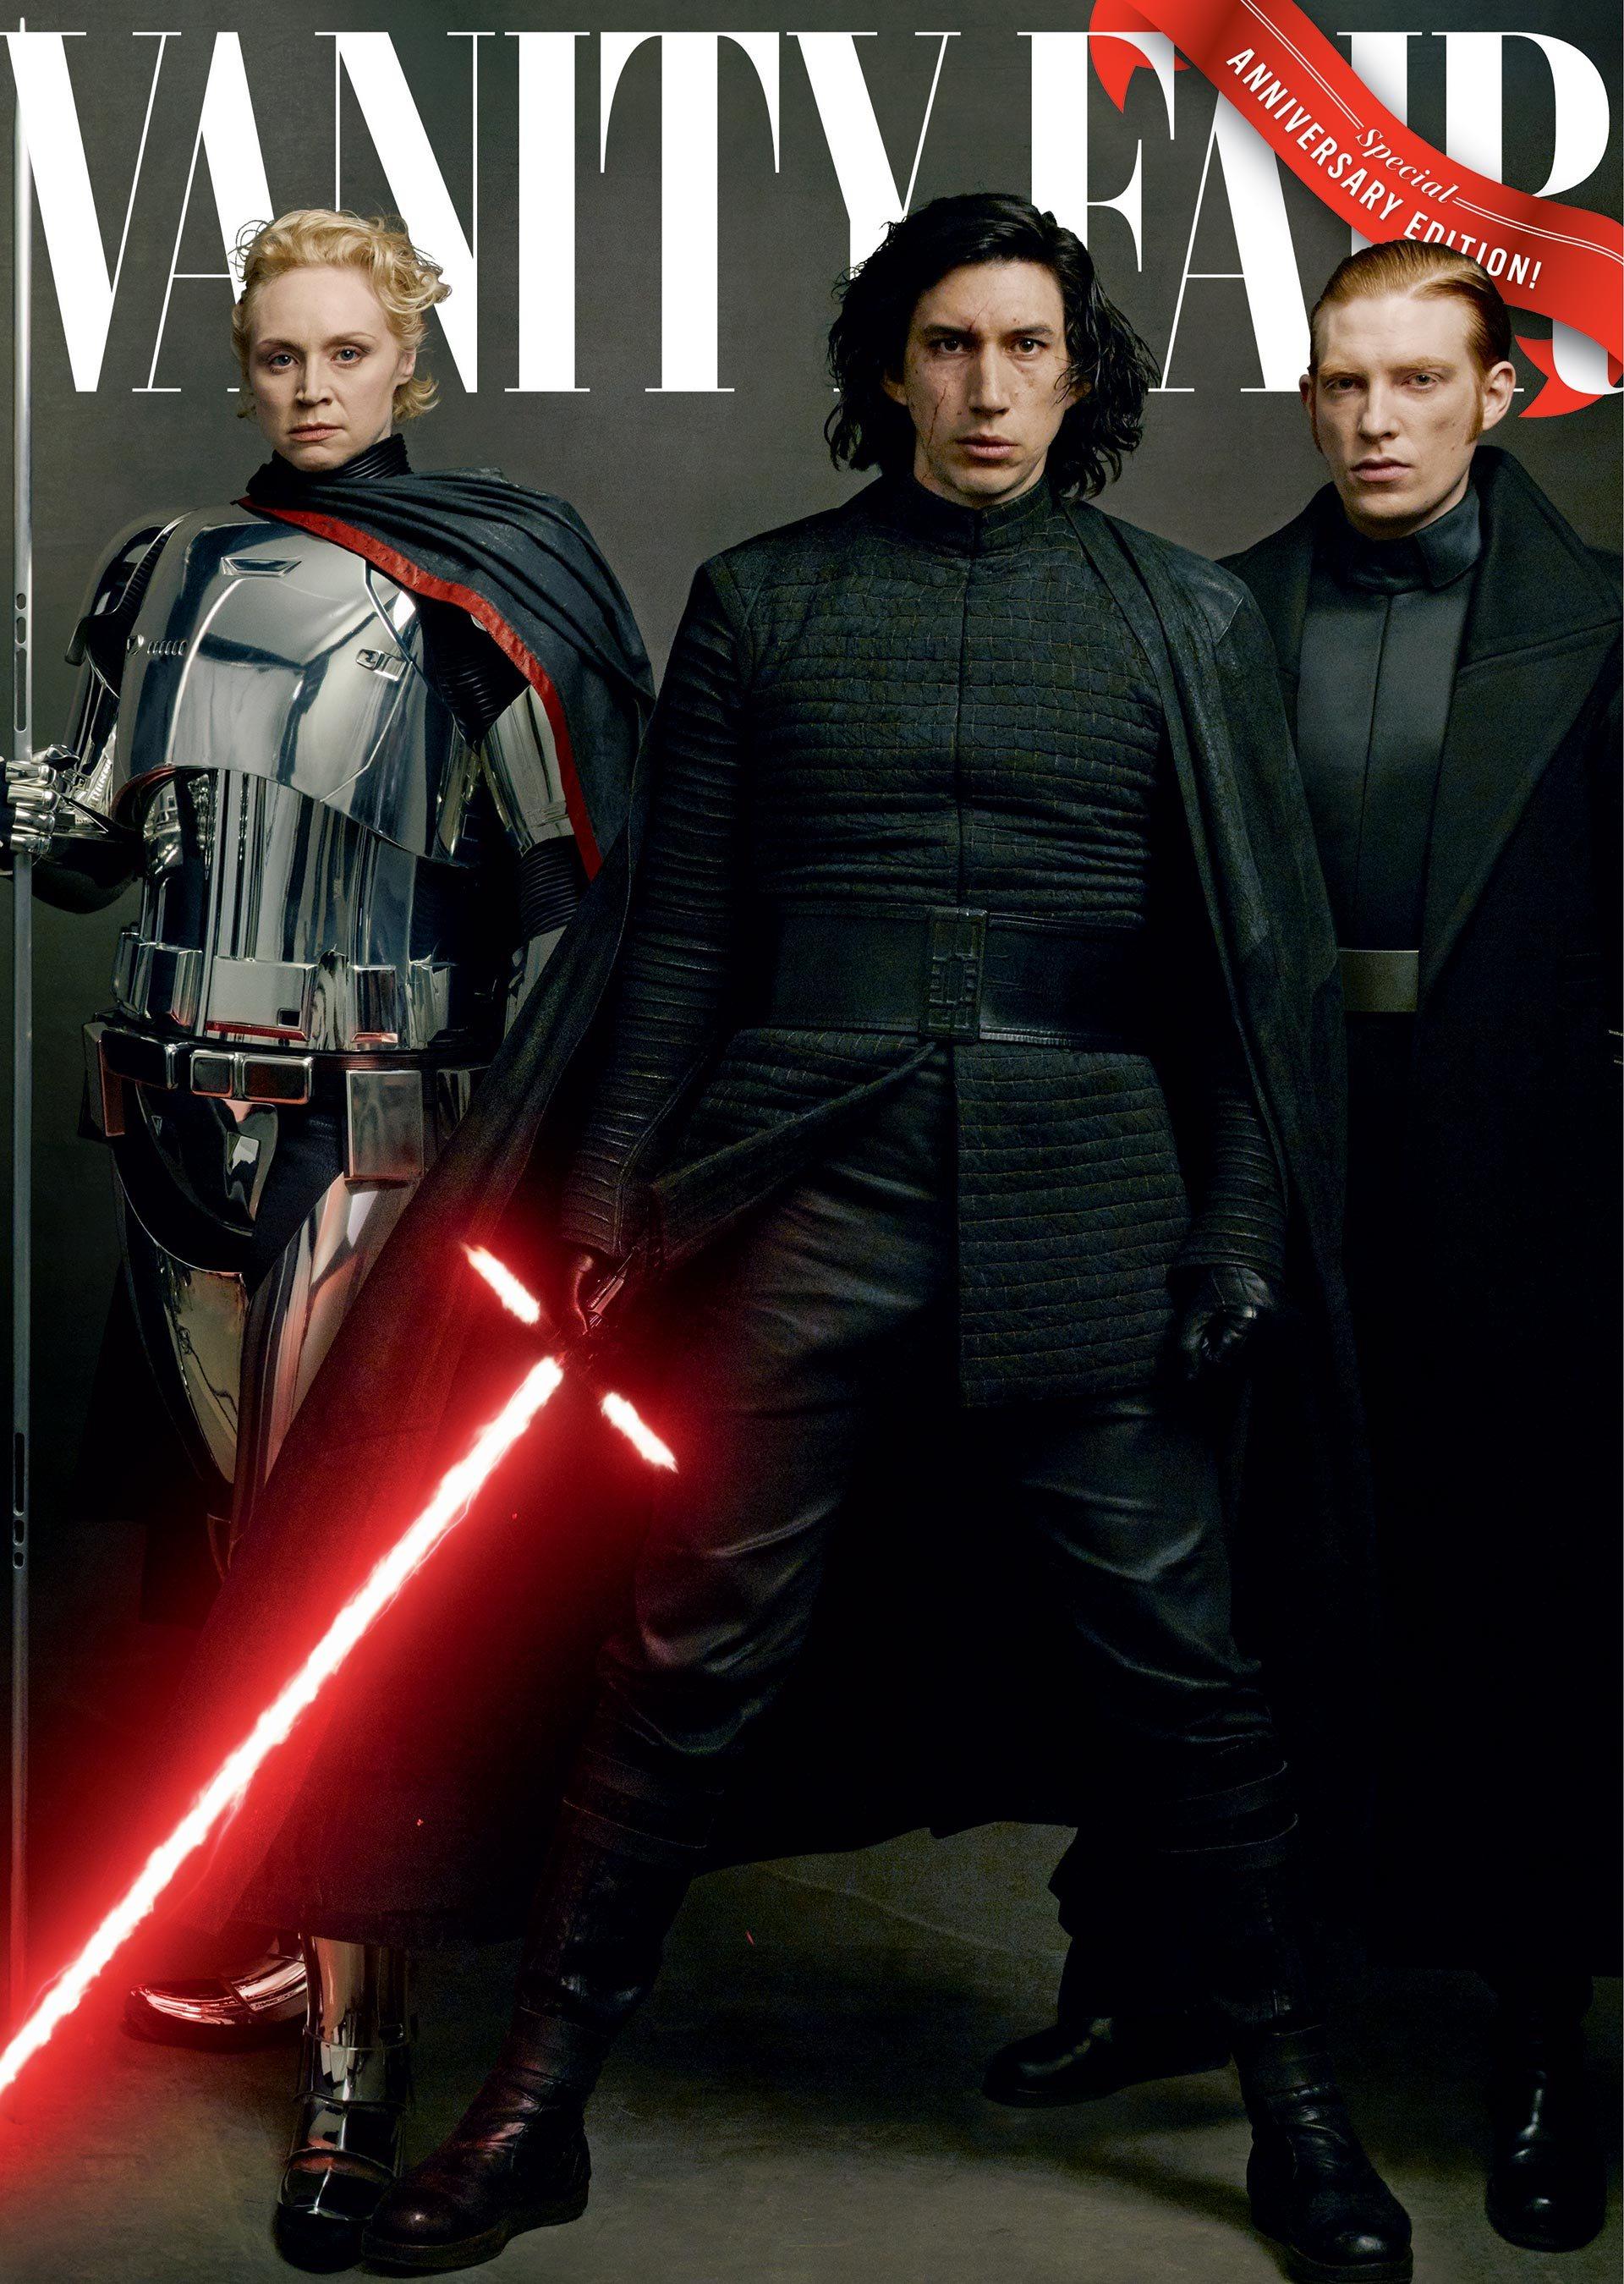 Gli ultimi Jedi: la copertina di Vanity Fair dedicata al First Order